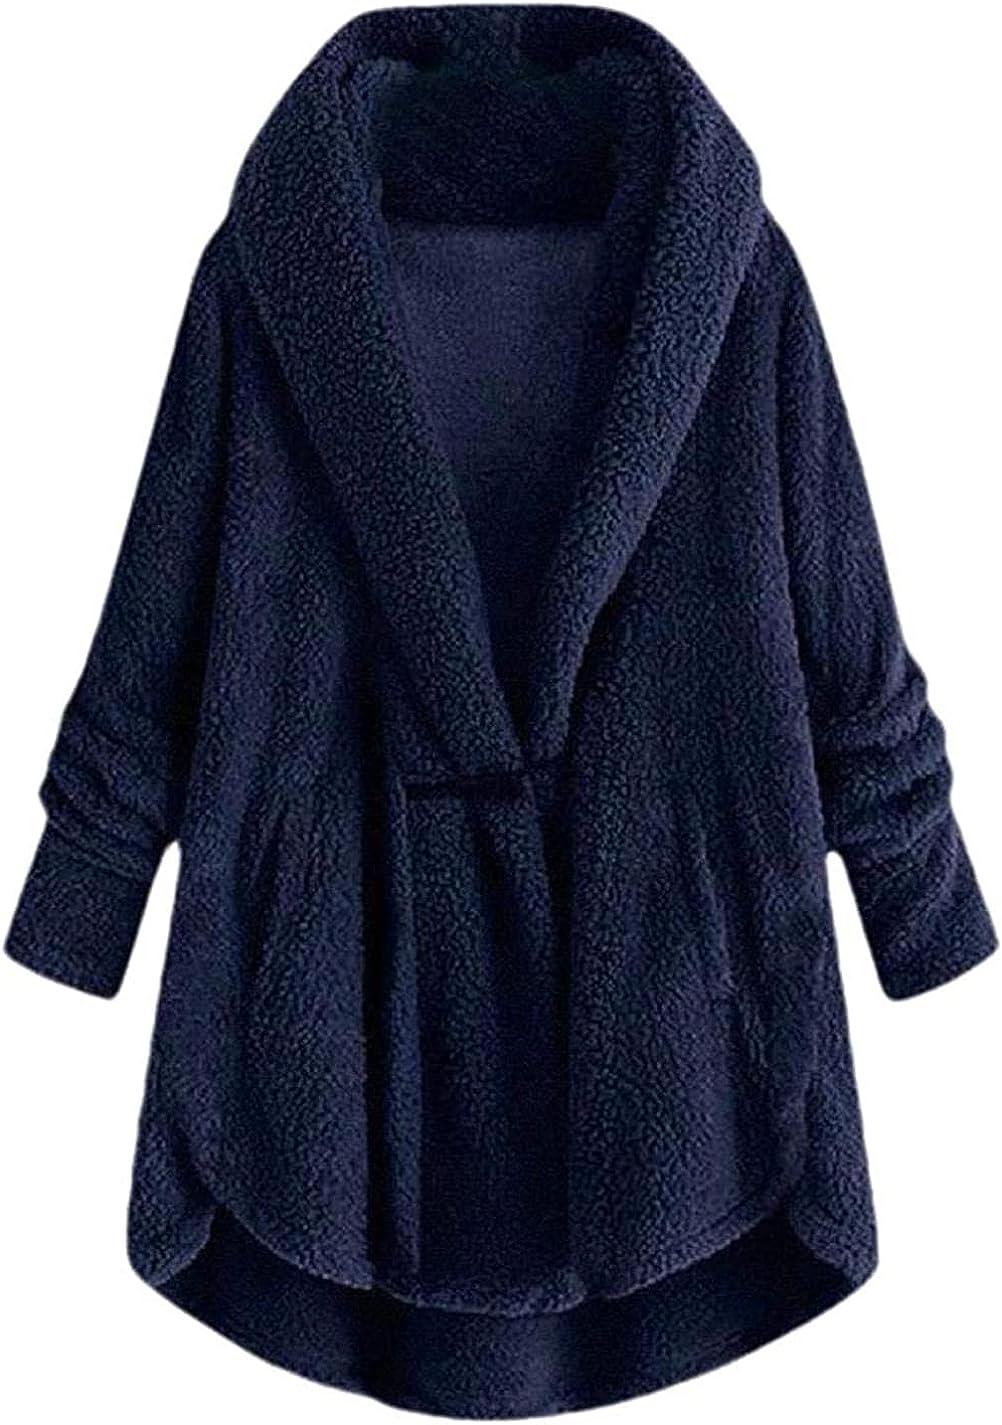 Women Casual Winter Fleece Faux Fur Long Sleeve Jacket Cardigan Coat Outwear